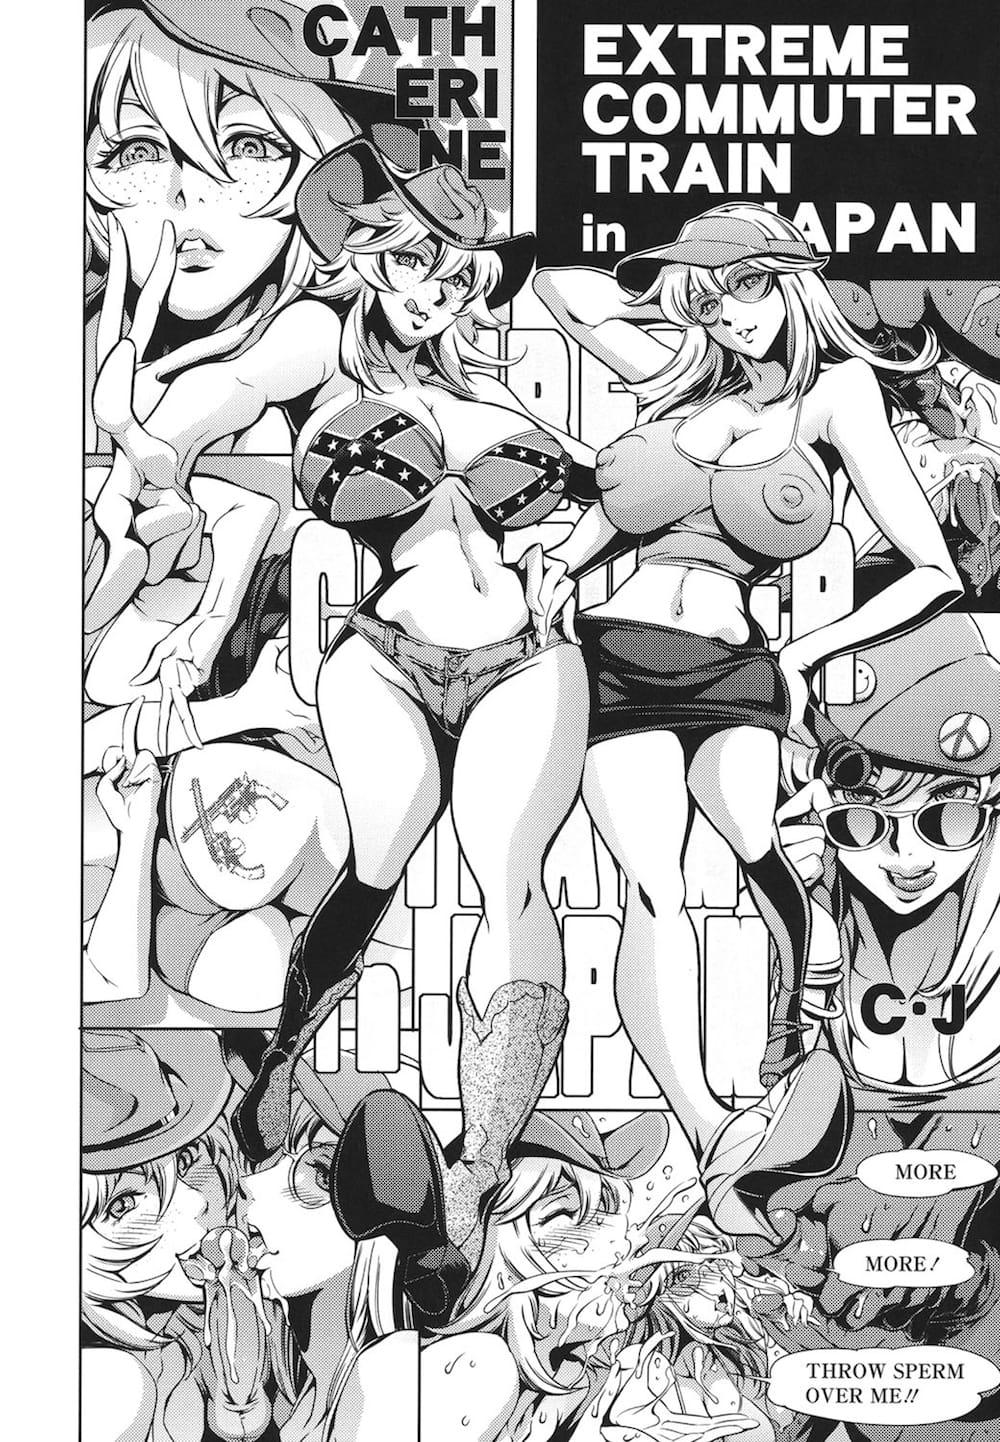 【エロ漫画】通勤電車をリポートするアメリカ娘が痴漢にマイクをプッシーにぶち込まれて輪姦されて日本男児のヘンタイ魂を体験!